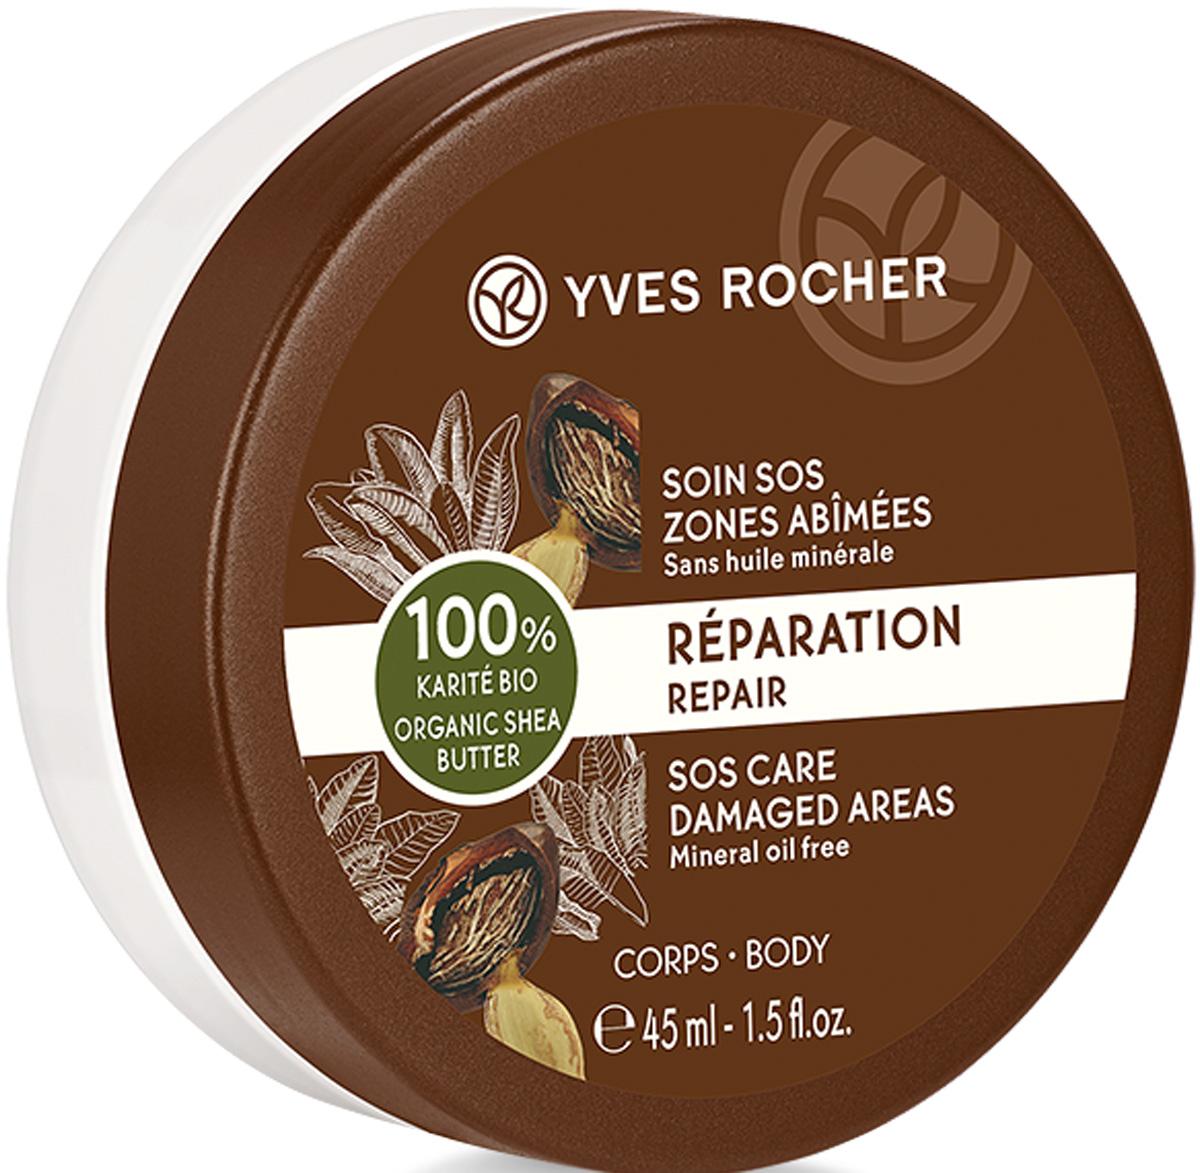 Yves Rocher интенсивно восстанавливающий концентрат для тела 100% каритэ, 45 мл42616Исследователи Растительной Косметики Ив Роше выбрали масло Каритэ за его исключительные питательные и восстанавливающие свойства.Восковая текстура со 100% чистым маслом Каритэ тает на Вашем теле, даря наивысший комфорт и мягкость.